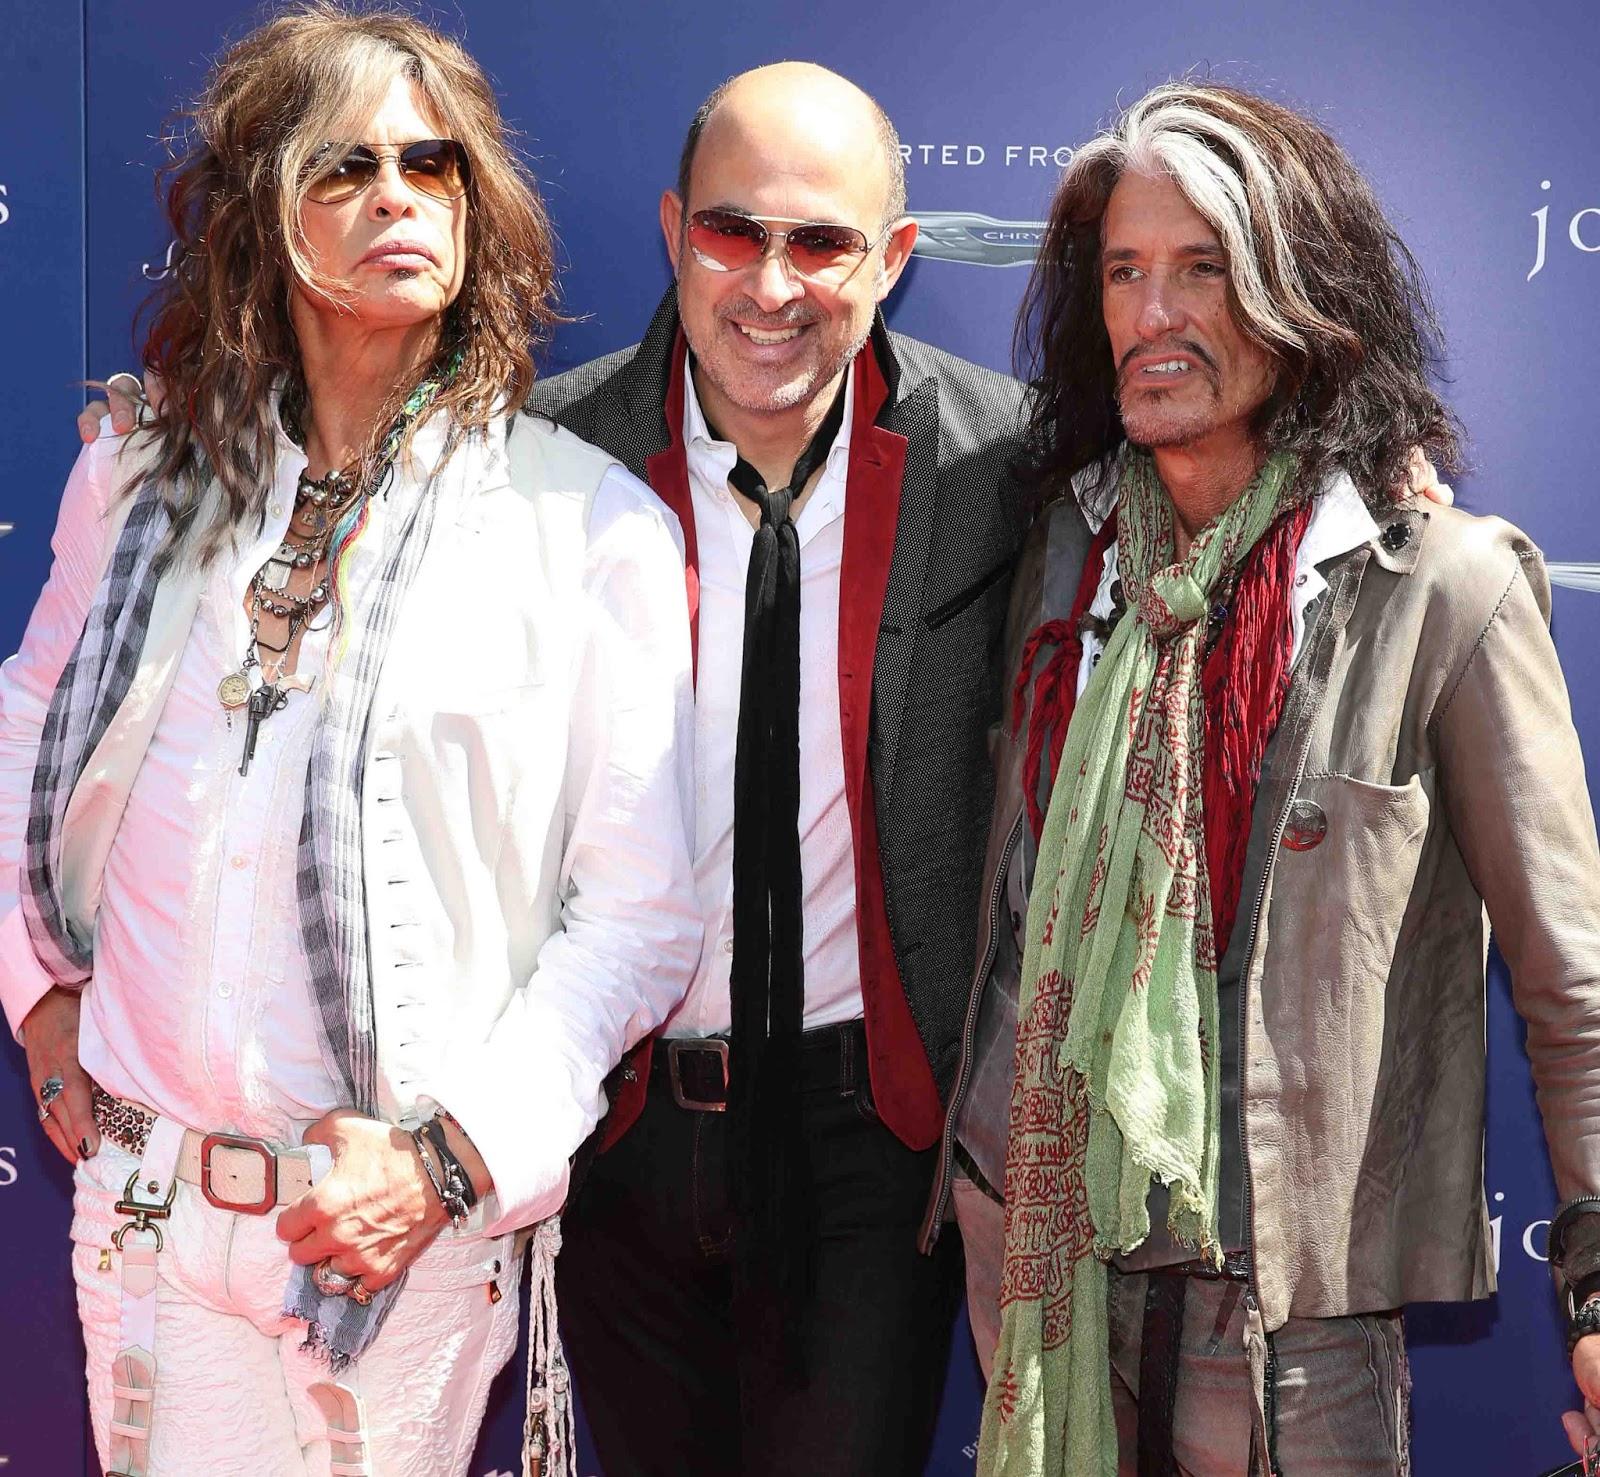 http://1.bp.blogspot.com/-j8jboznCidc/UT1G5mXR6eI/AAAAAAACt4Q/U58zr2Ed9rw/s1600/Steven+Tyler,+John+Varvatos+and+Joe+Perry.jpg